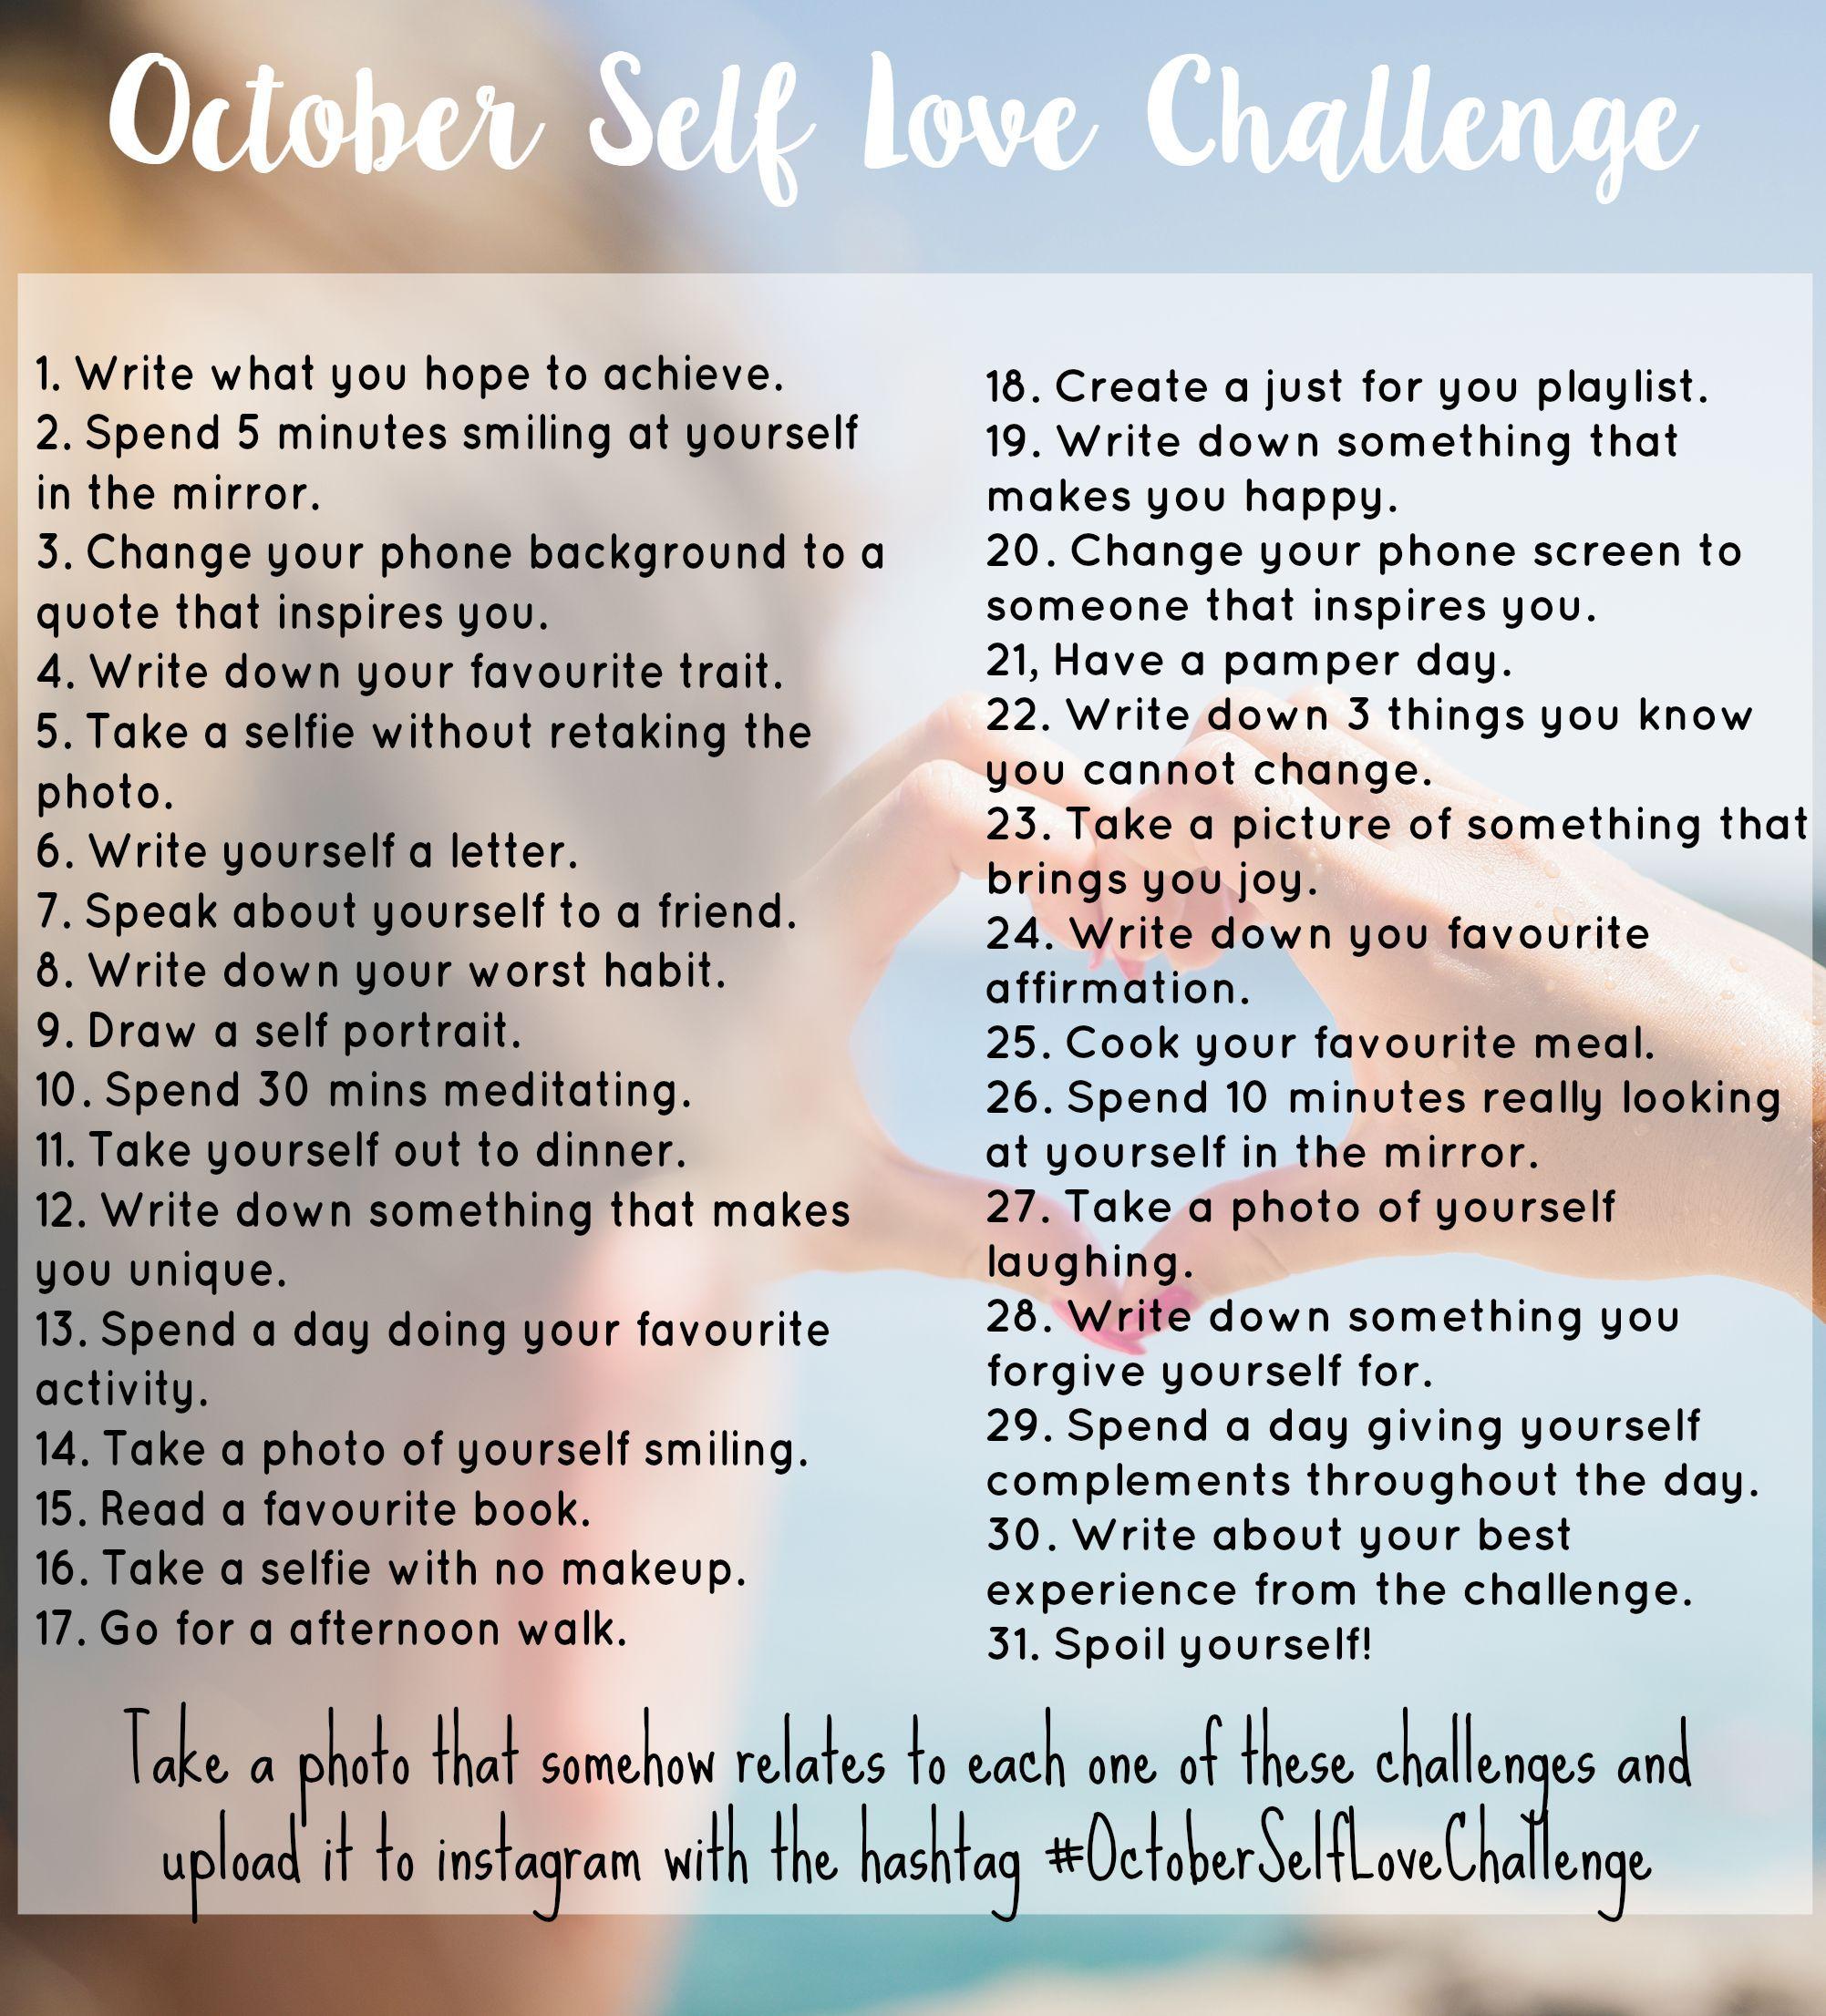 October Self Love Challenge